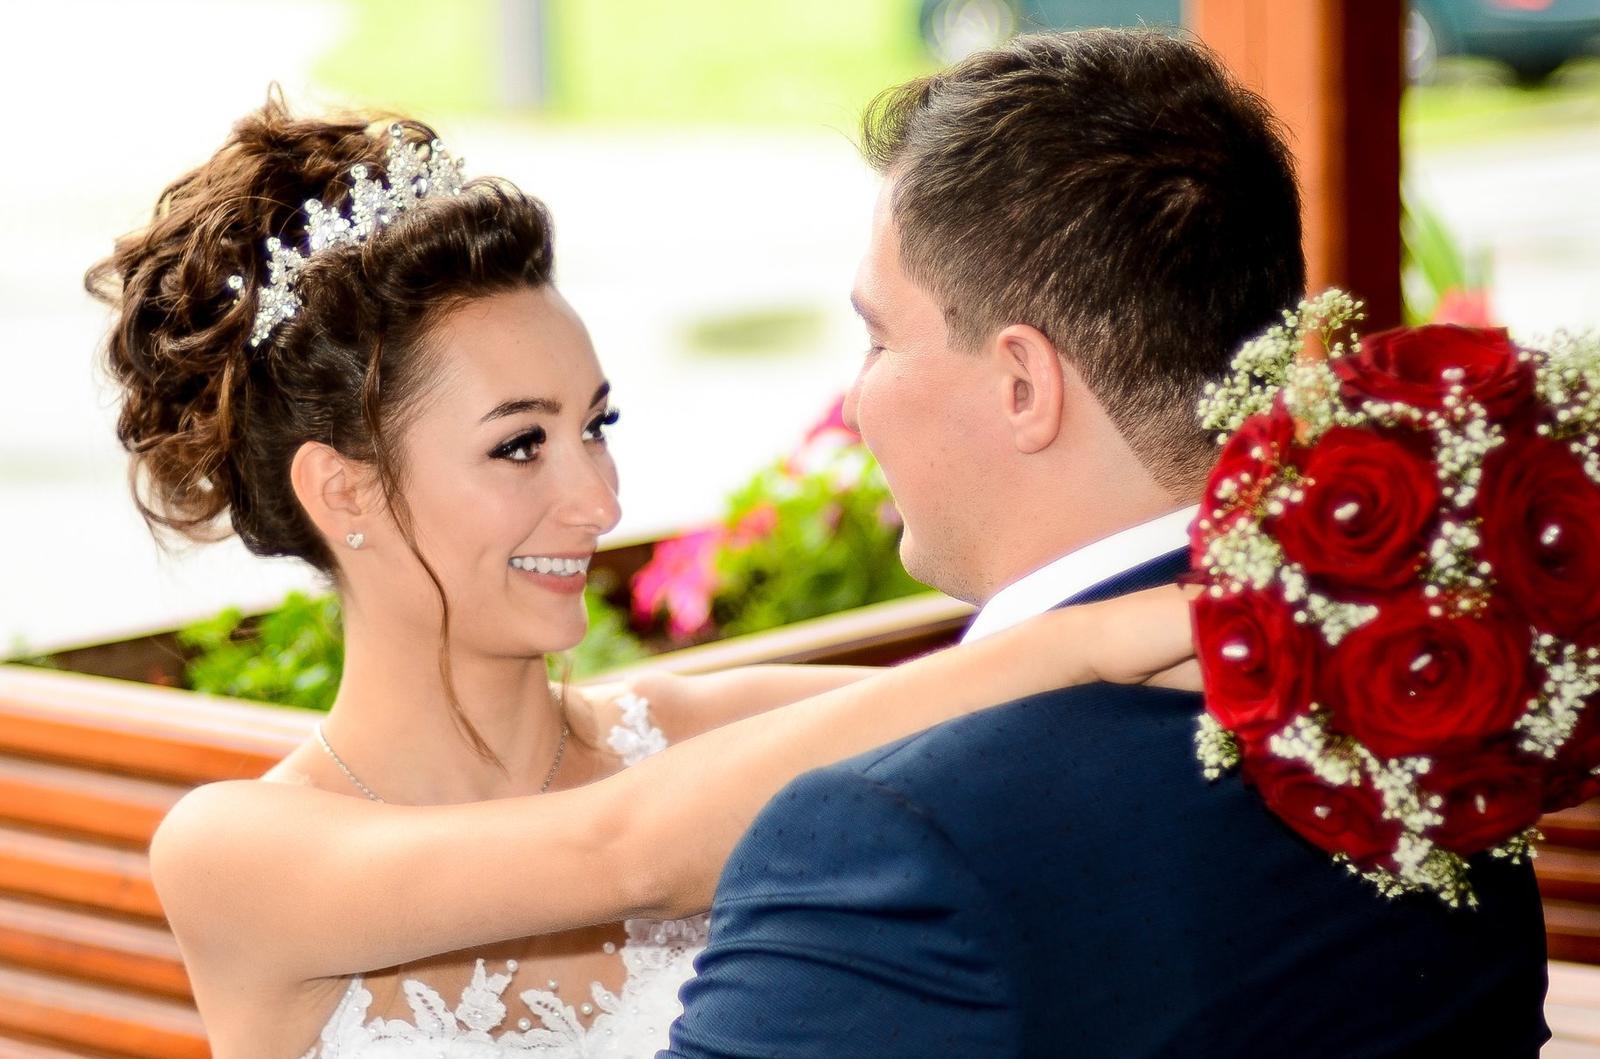 Cena za celodenní svatební focení 8000kč 😊 - Obrázek č. 2